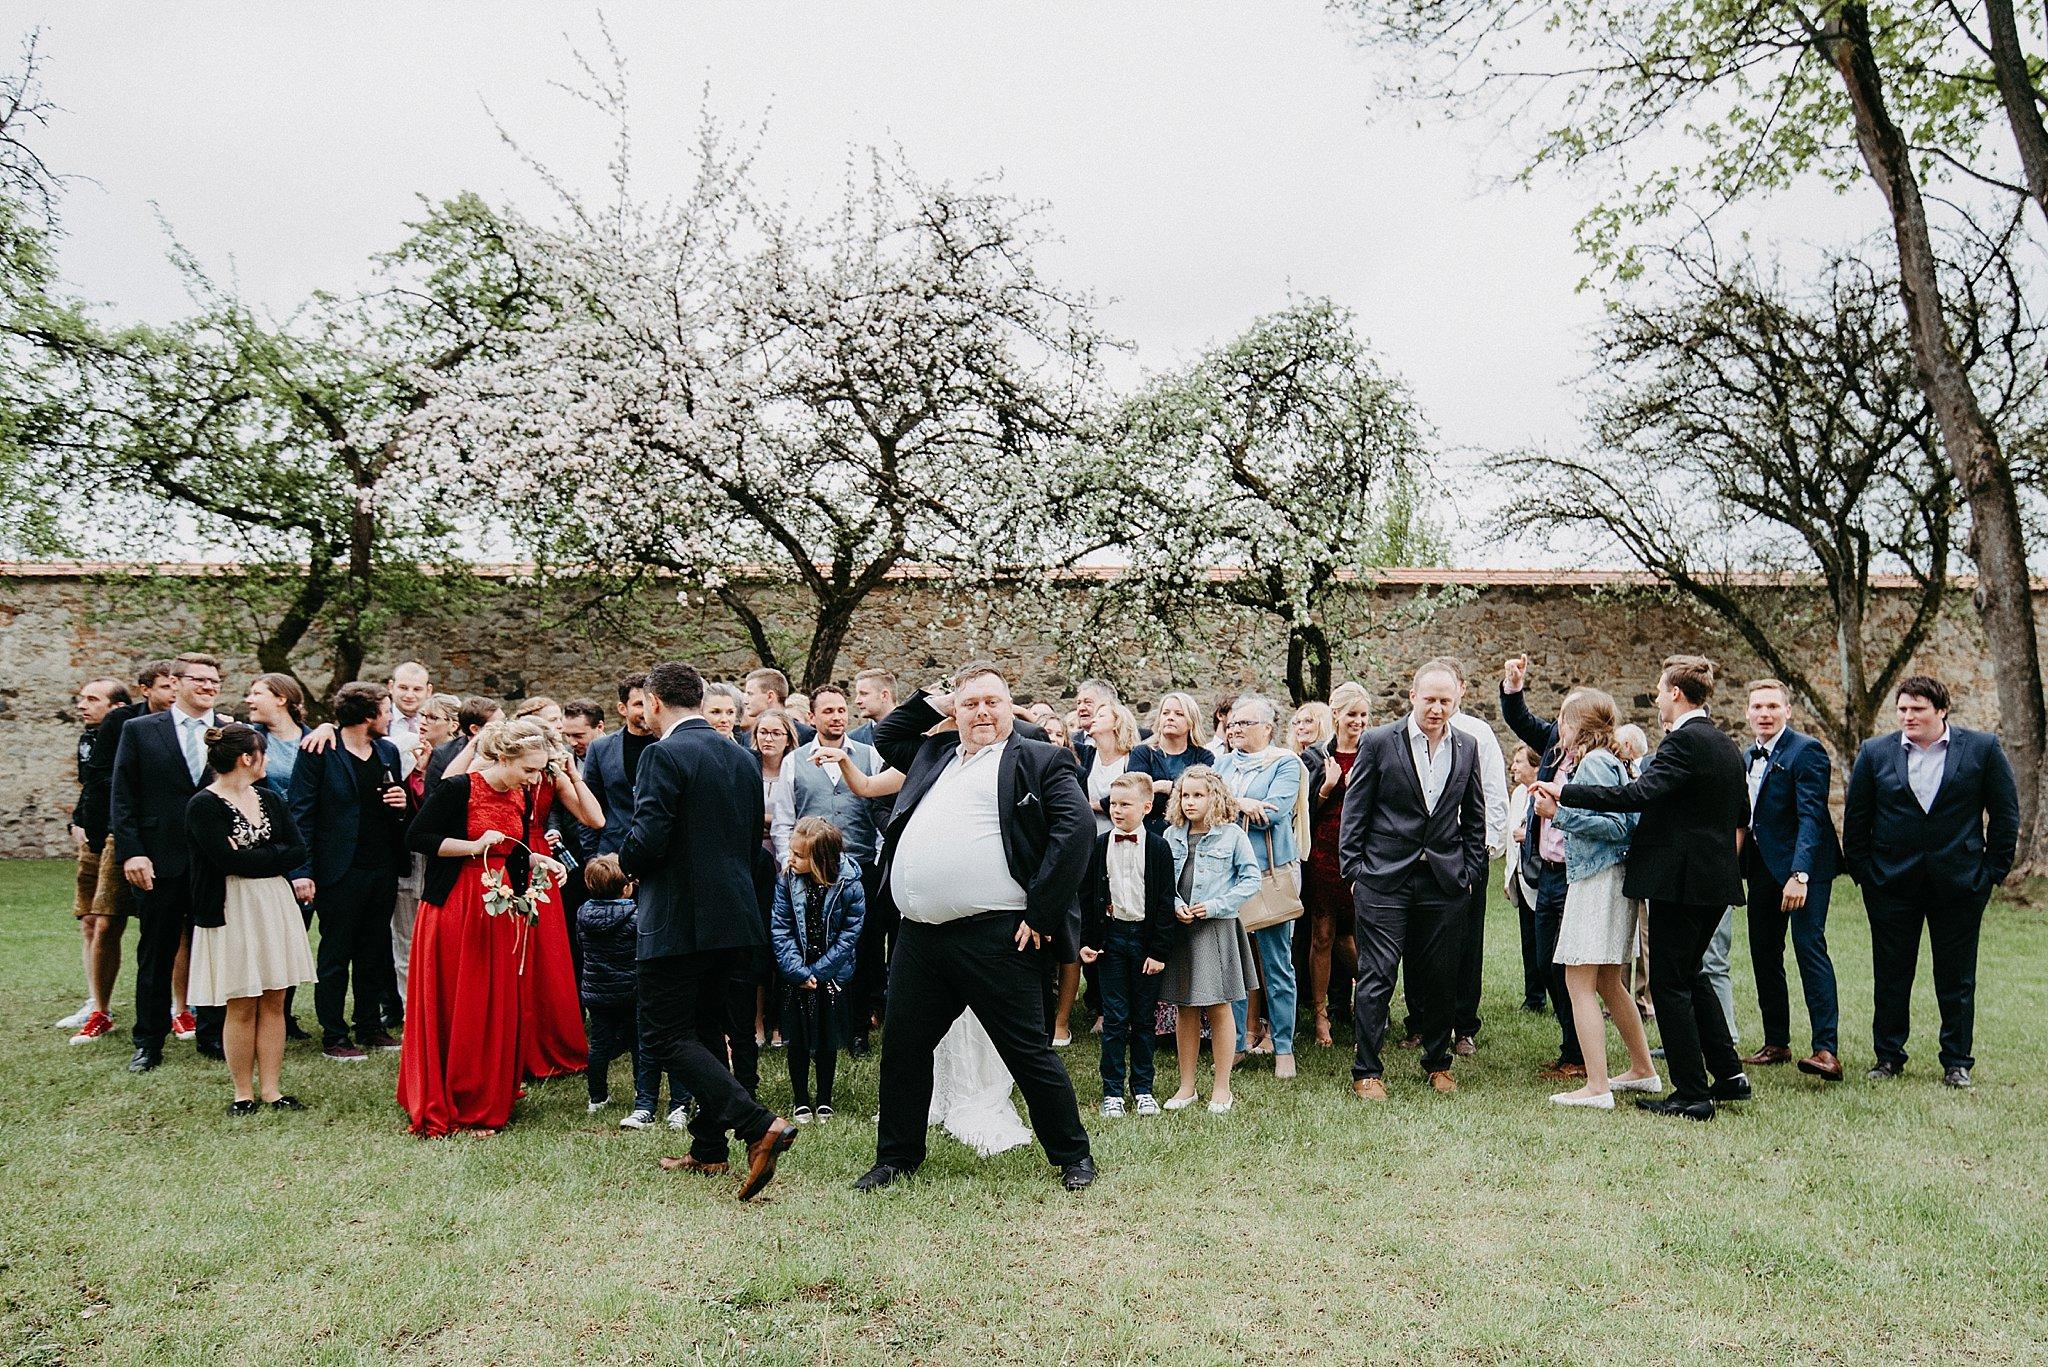 Hochzeit-von-Marina-Dominik-auf-Burg-Wernberg-und-Schloss-Friedrichsburg-00052